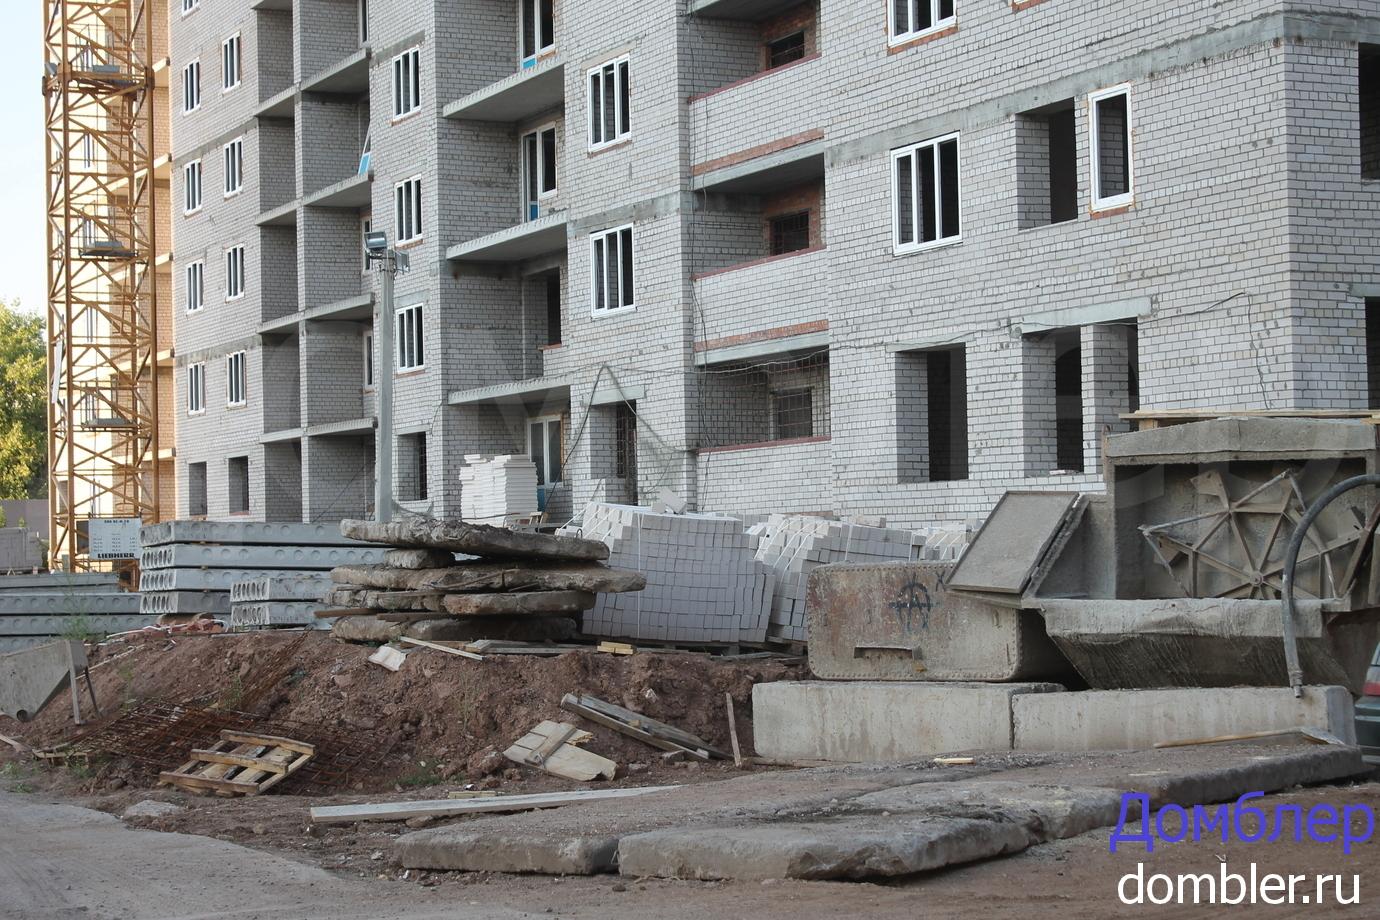 Спорная коммерческая недвижимость стерлитамак Аренда офисных помещений Марьинский Парк улица